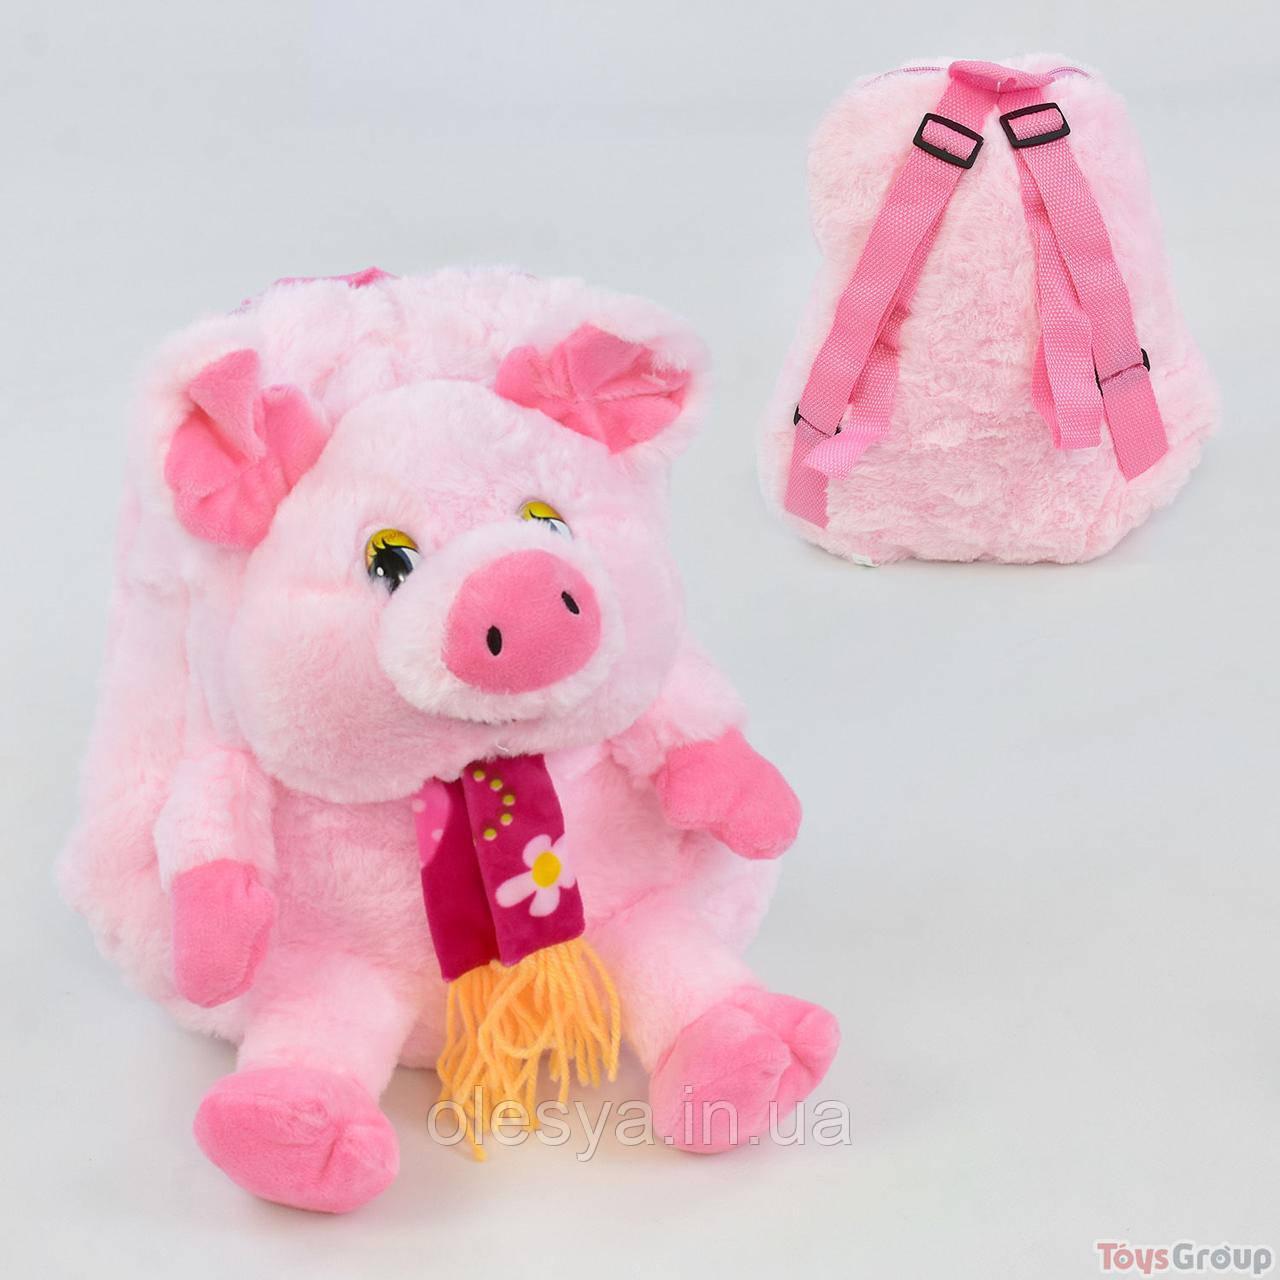 Детский рюкзачок в виде забавной свинки